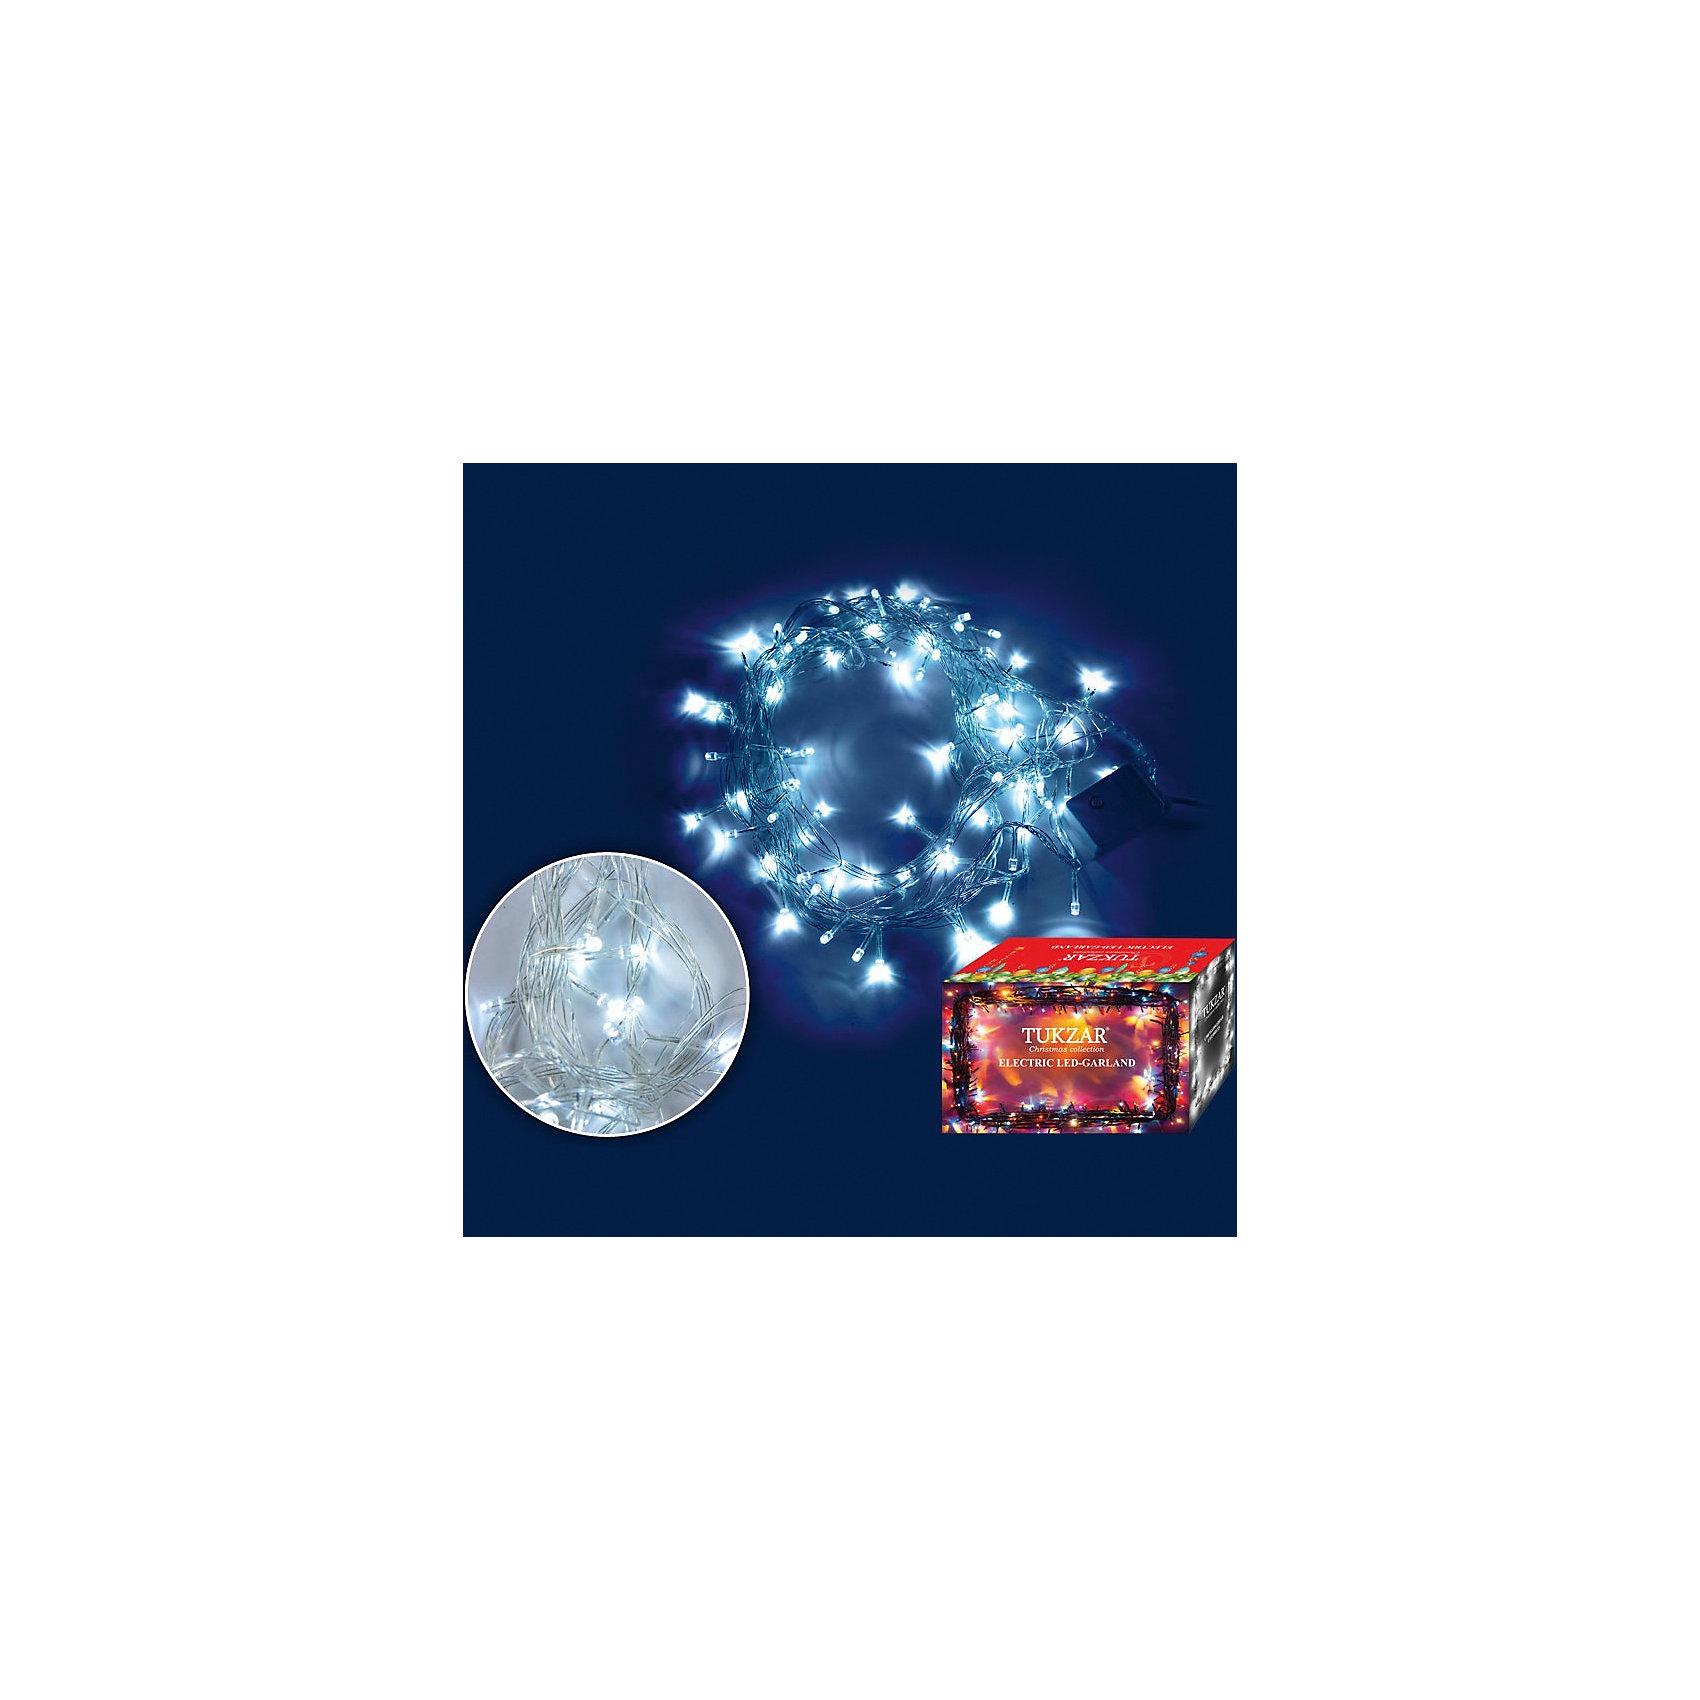 Светодиодная гирлянда, 5 м, 80 ламп, БЕЛЫЙЭлектрическая гирлянда. Новогодняя гирлянда - незаменимый атрибут любого новогоднего торжества! Подходит для украшения елки или же оформления витрин и помещений.<br><br>Дополнительная информация:<br><br>- Материал: пластик.<br>- Цвет: бело- лунный свечение лампочек<br>- Размер: 5 м<br>- 80 ламп<br>- Прозрачный провод.<br>- 8-режимным контроллер<br><br>Электрическую гирлянду можно купить в нашем магазине.<br><br>Ширина мм: 177<br>Глубина мм: 100<br>Высота мм: 100<br>Вес г: 177<br>Возраст от месяцев: 36<br>Возраст до месяцев: 216<br>Пол: Унисекс<br>Возраст: Детский<br>SKU: 3822105